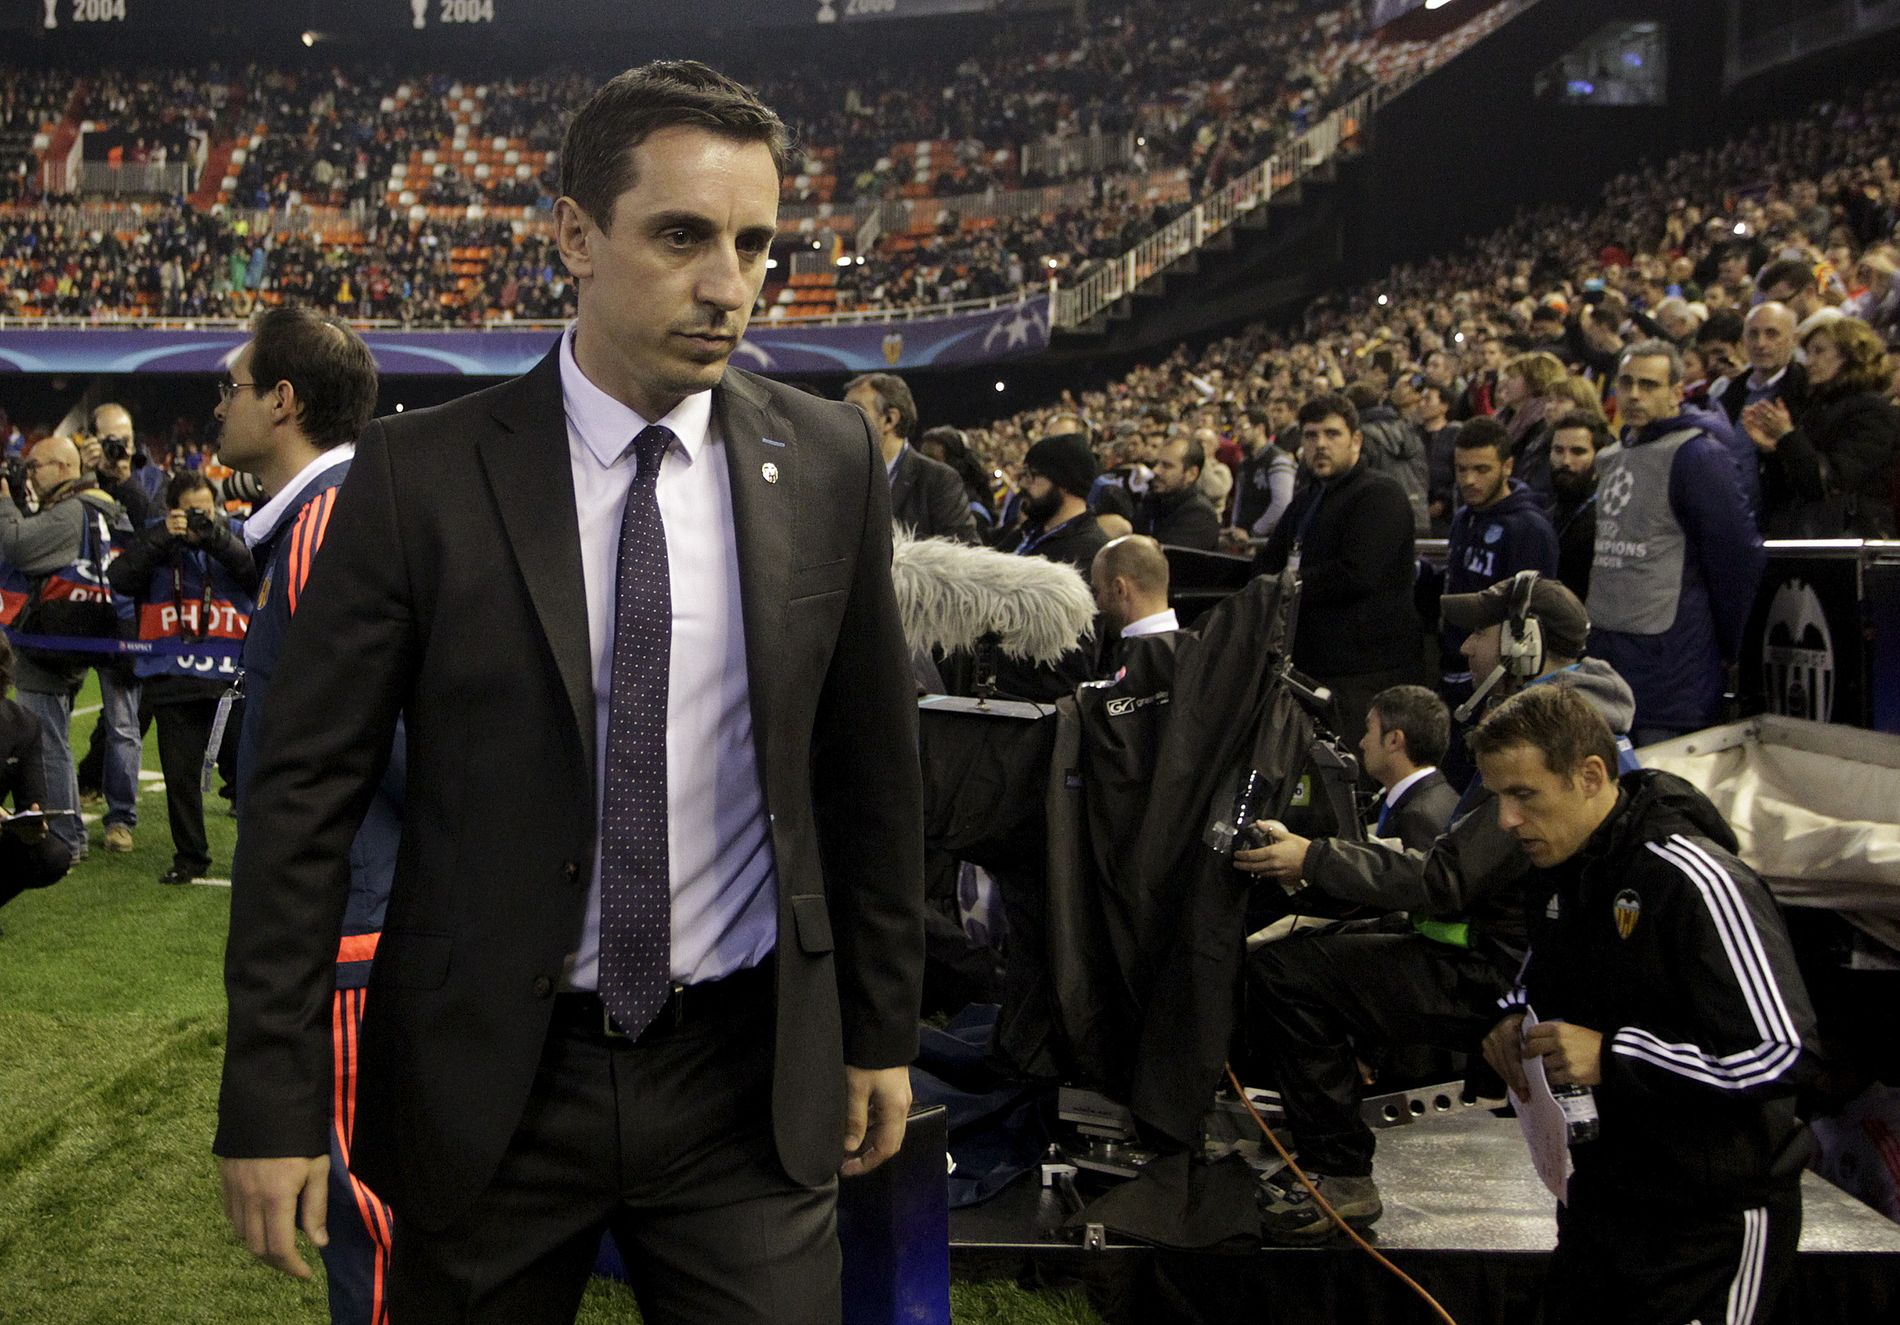 Gary Neville er en populær ekspert for Sky Sports, men som Valencia-manager hadde han lite suksess.